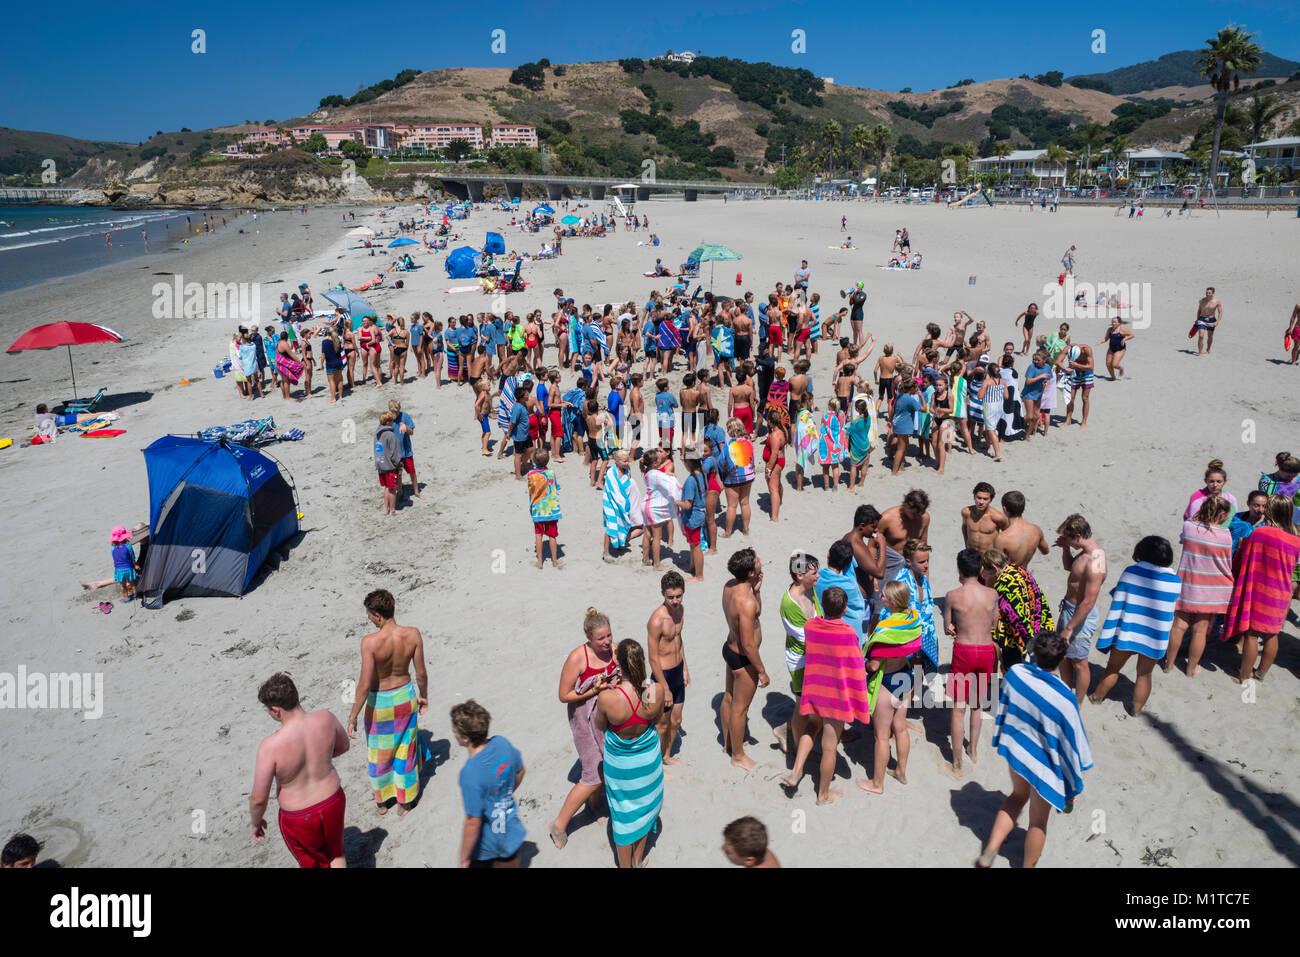 e7d872a69a Beach Lifeguard Training Stock Photos   Beach Lifeguard Training ...